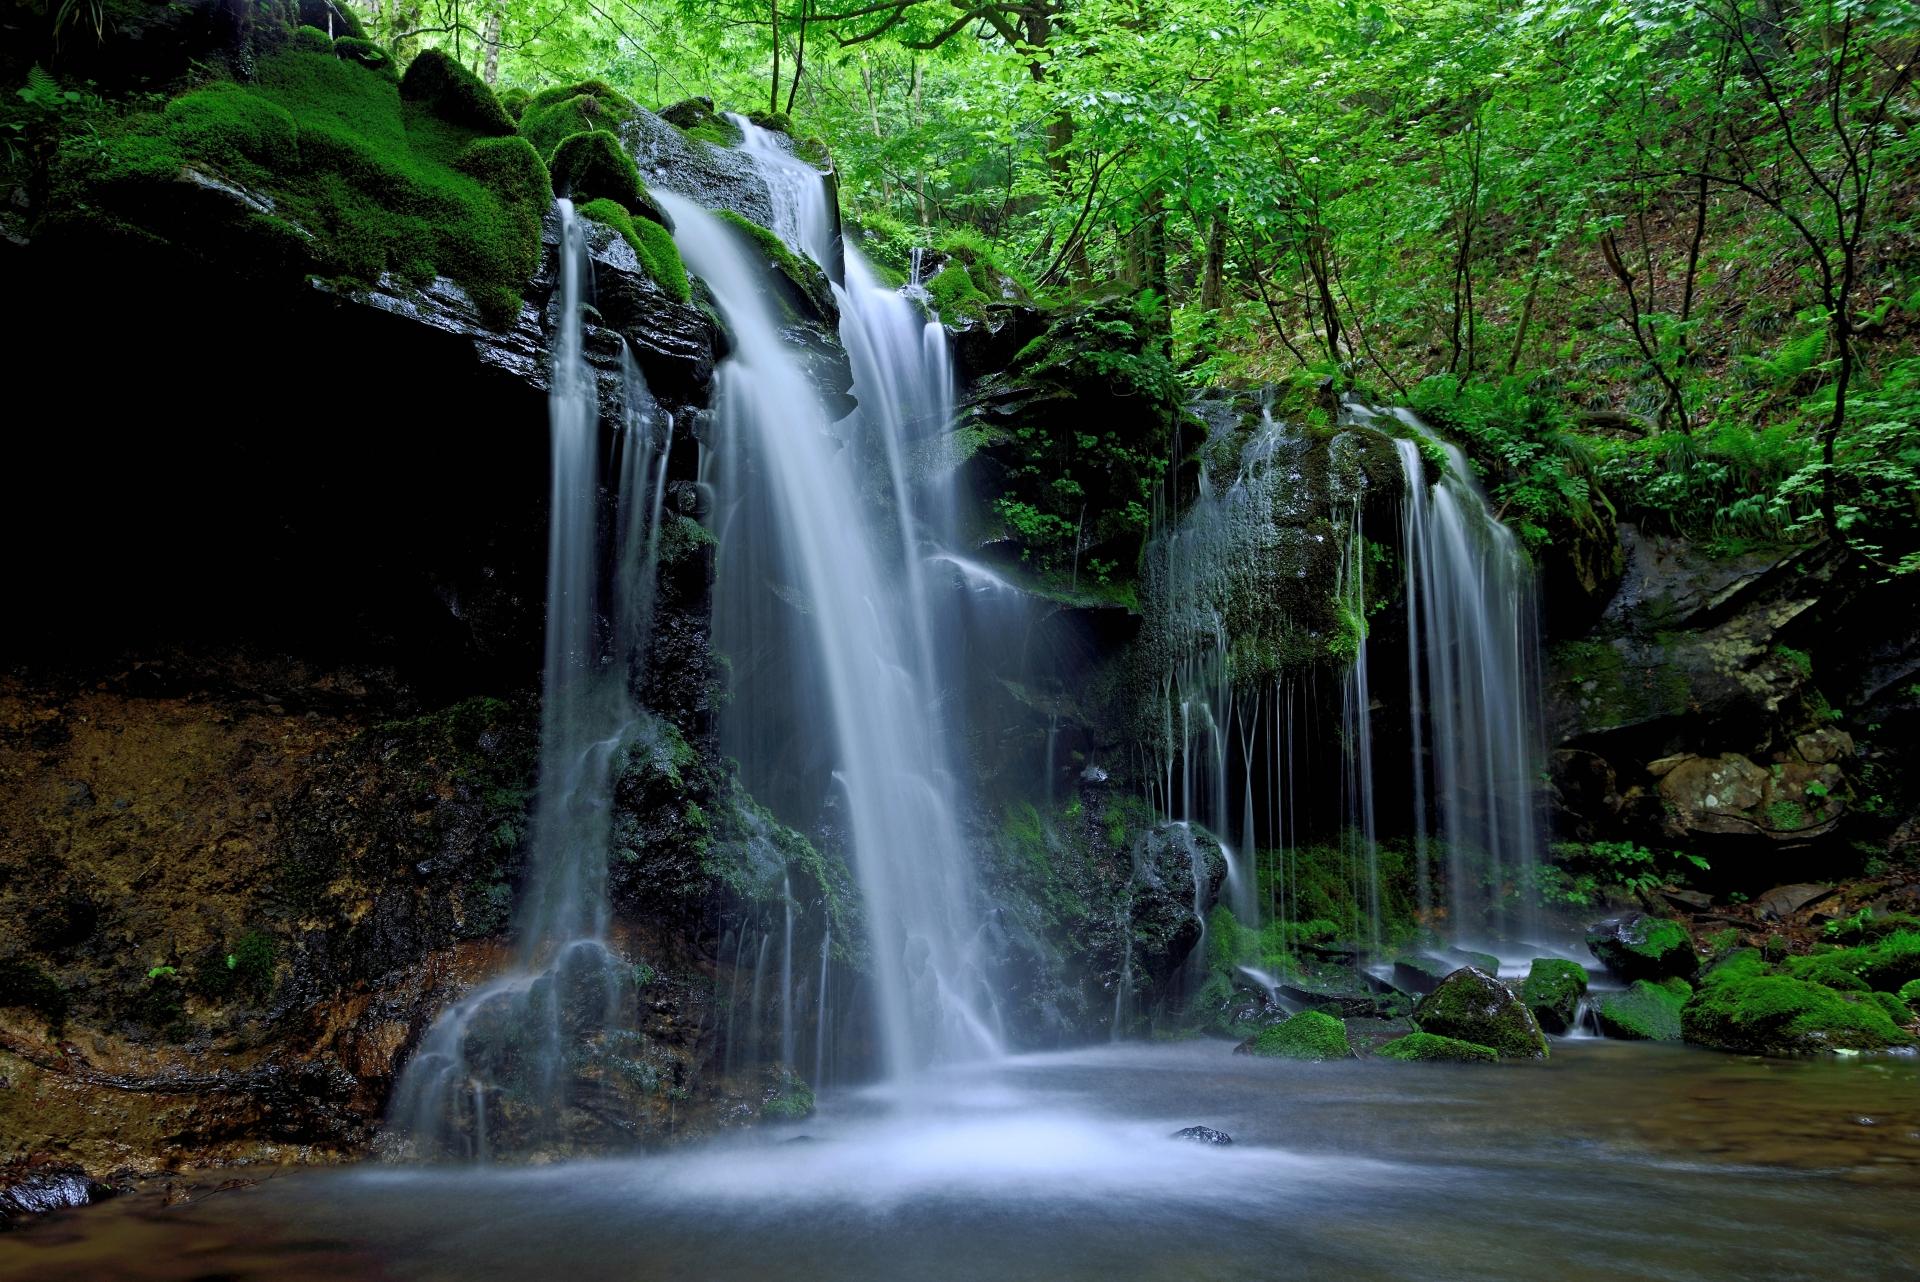 4099053_m 兵庫県 猿壺の滝(新緑の時期におすすめの秘境滝スポット!写真の紹介、アクセス情報など)